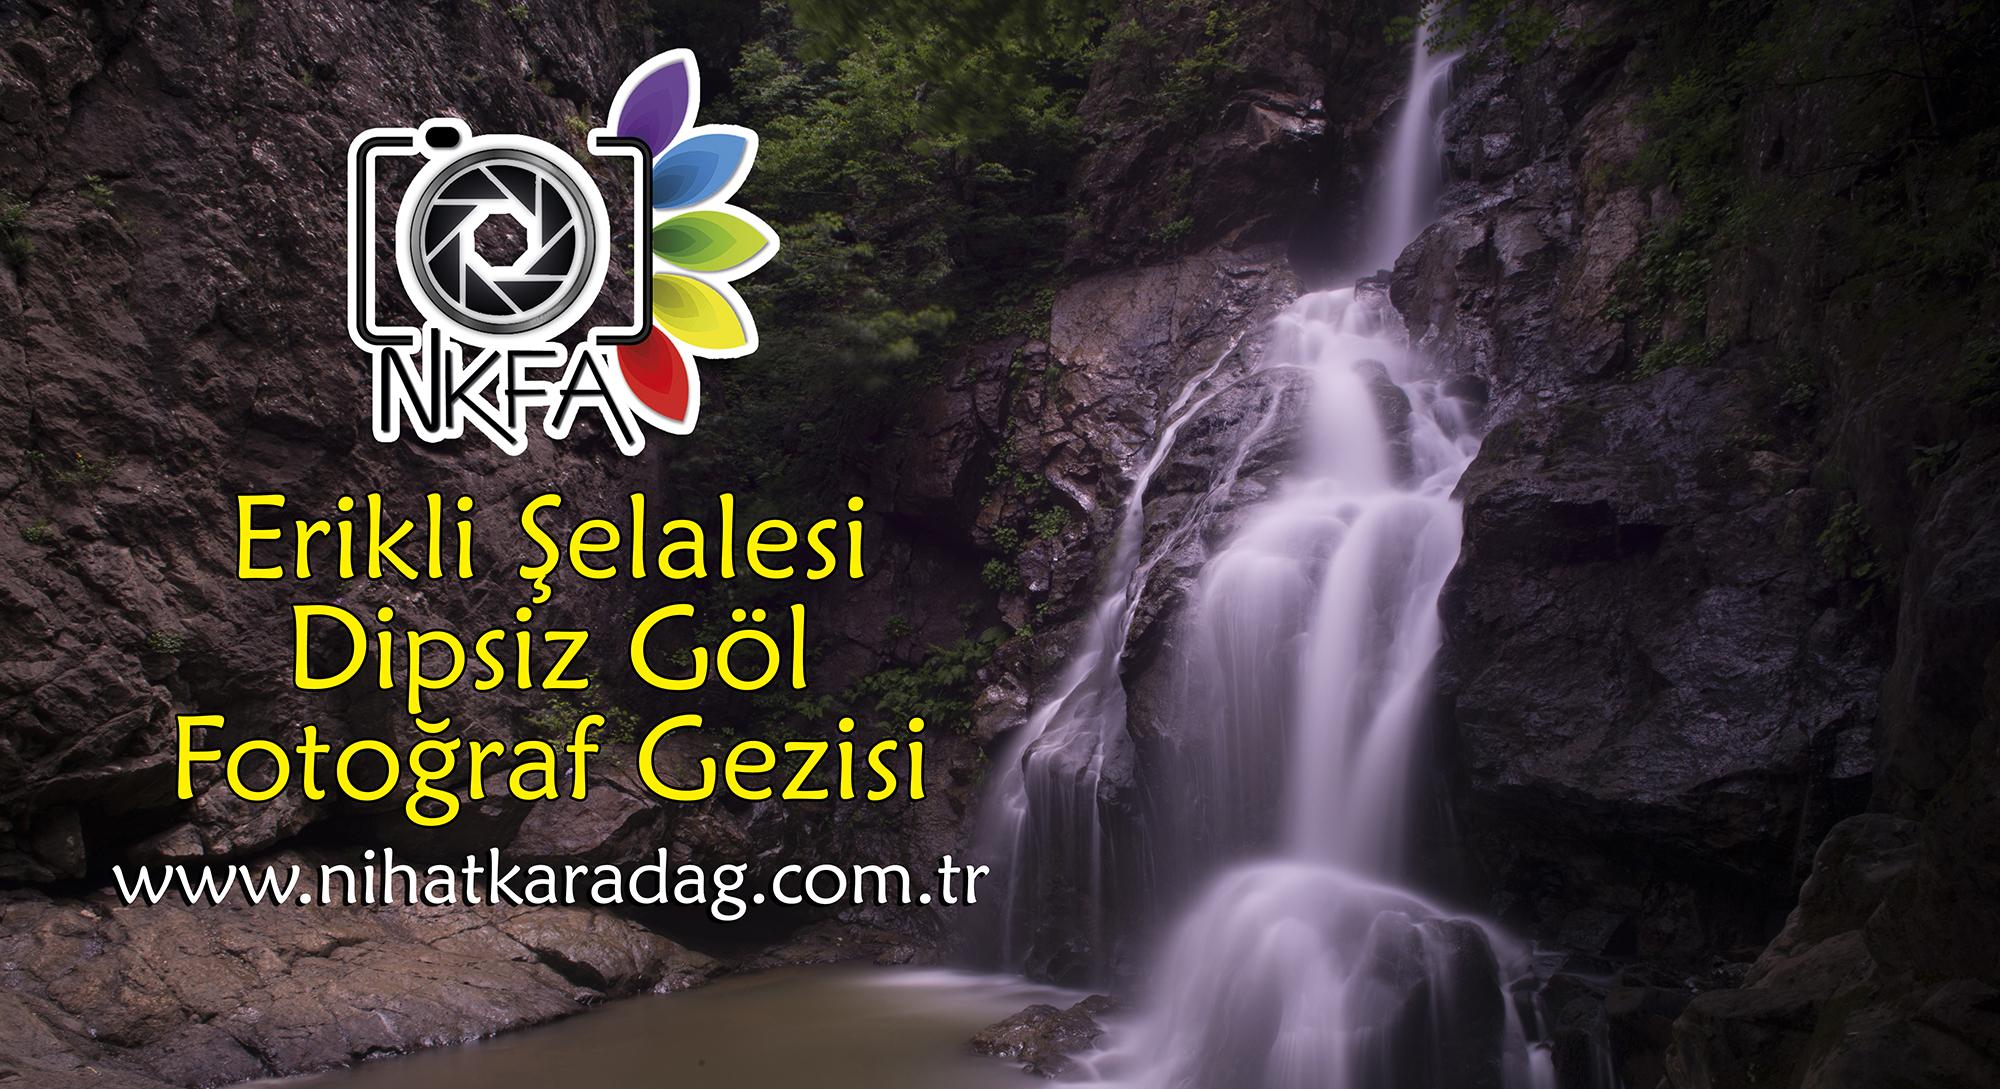 NKFA ile Yalova Erikli Şelalesi ve Dipsiz Göl Fotoğraf Gezisi